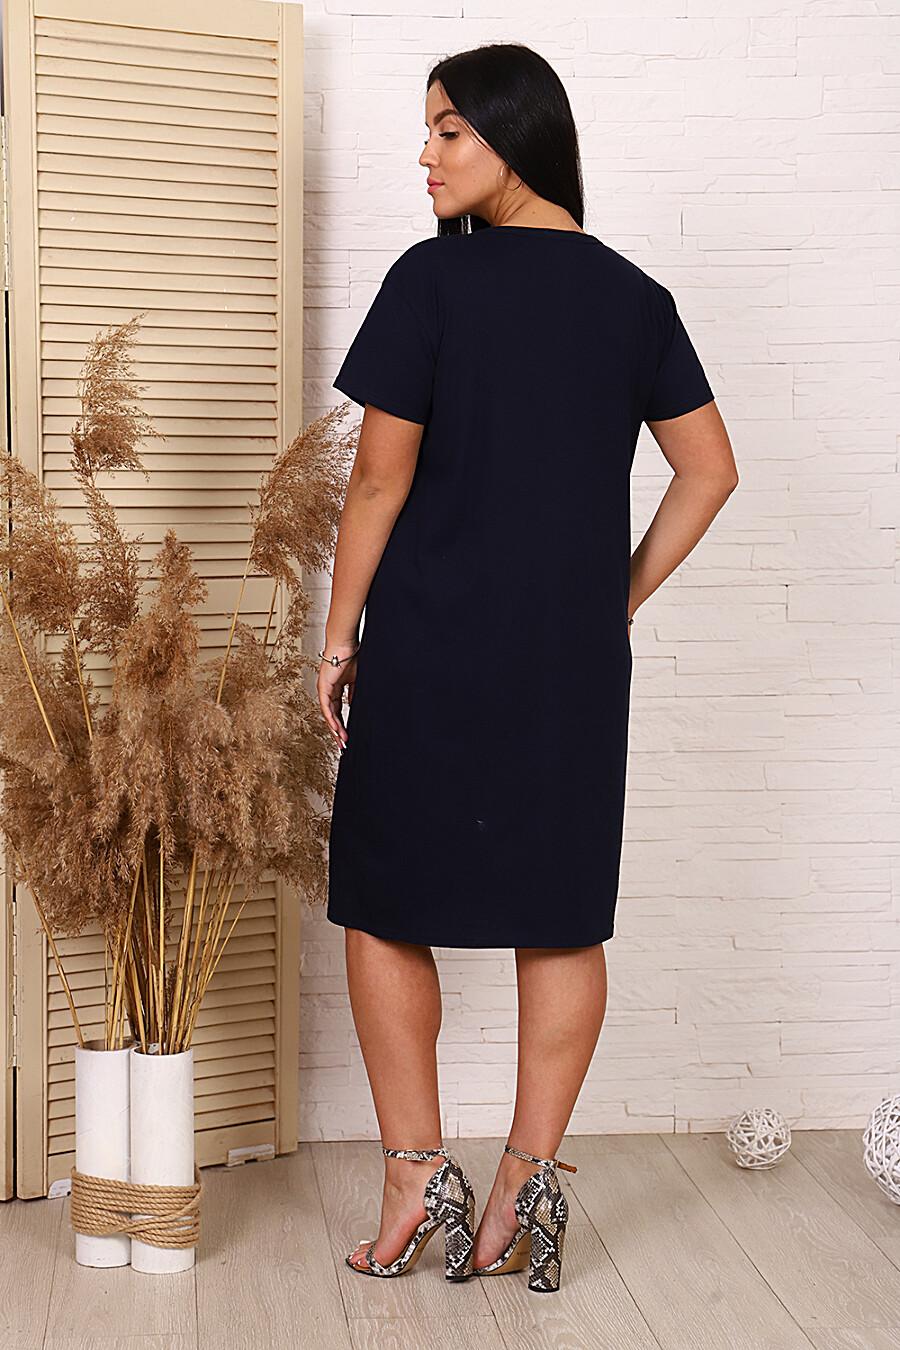 Туника 12766 для женщин НАТАЛИ 649596 купить оптом от производителя. Совместная покупка женской одежды в OptMoyo